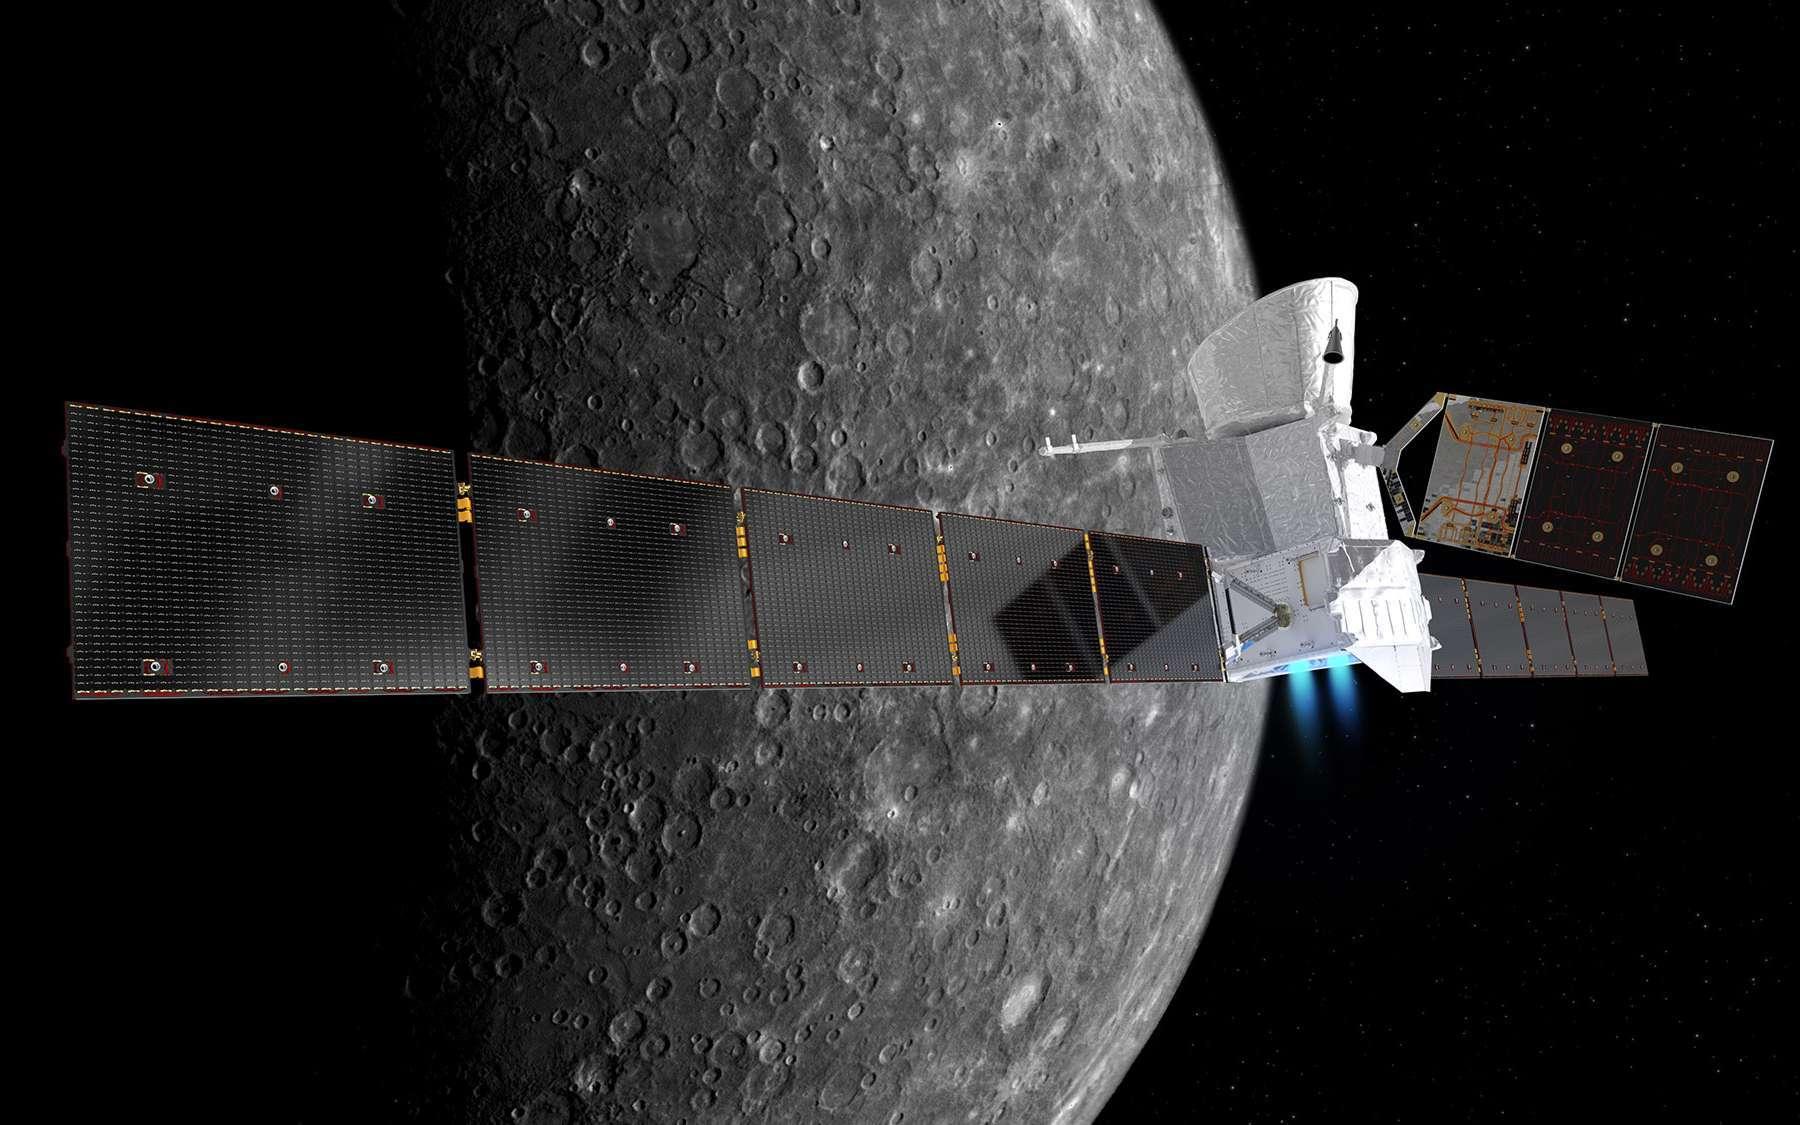 Une vue d'artiste de la mission BepiColombo en route vers Mercure. © ESA, Jaxa